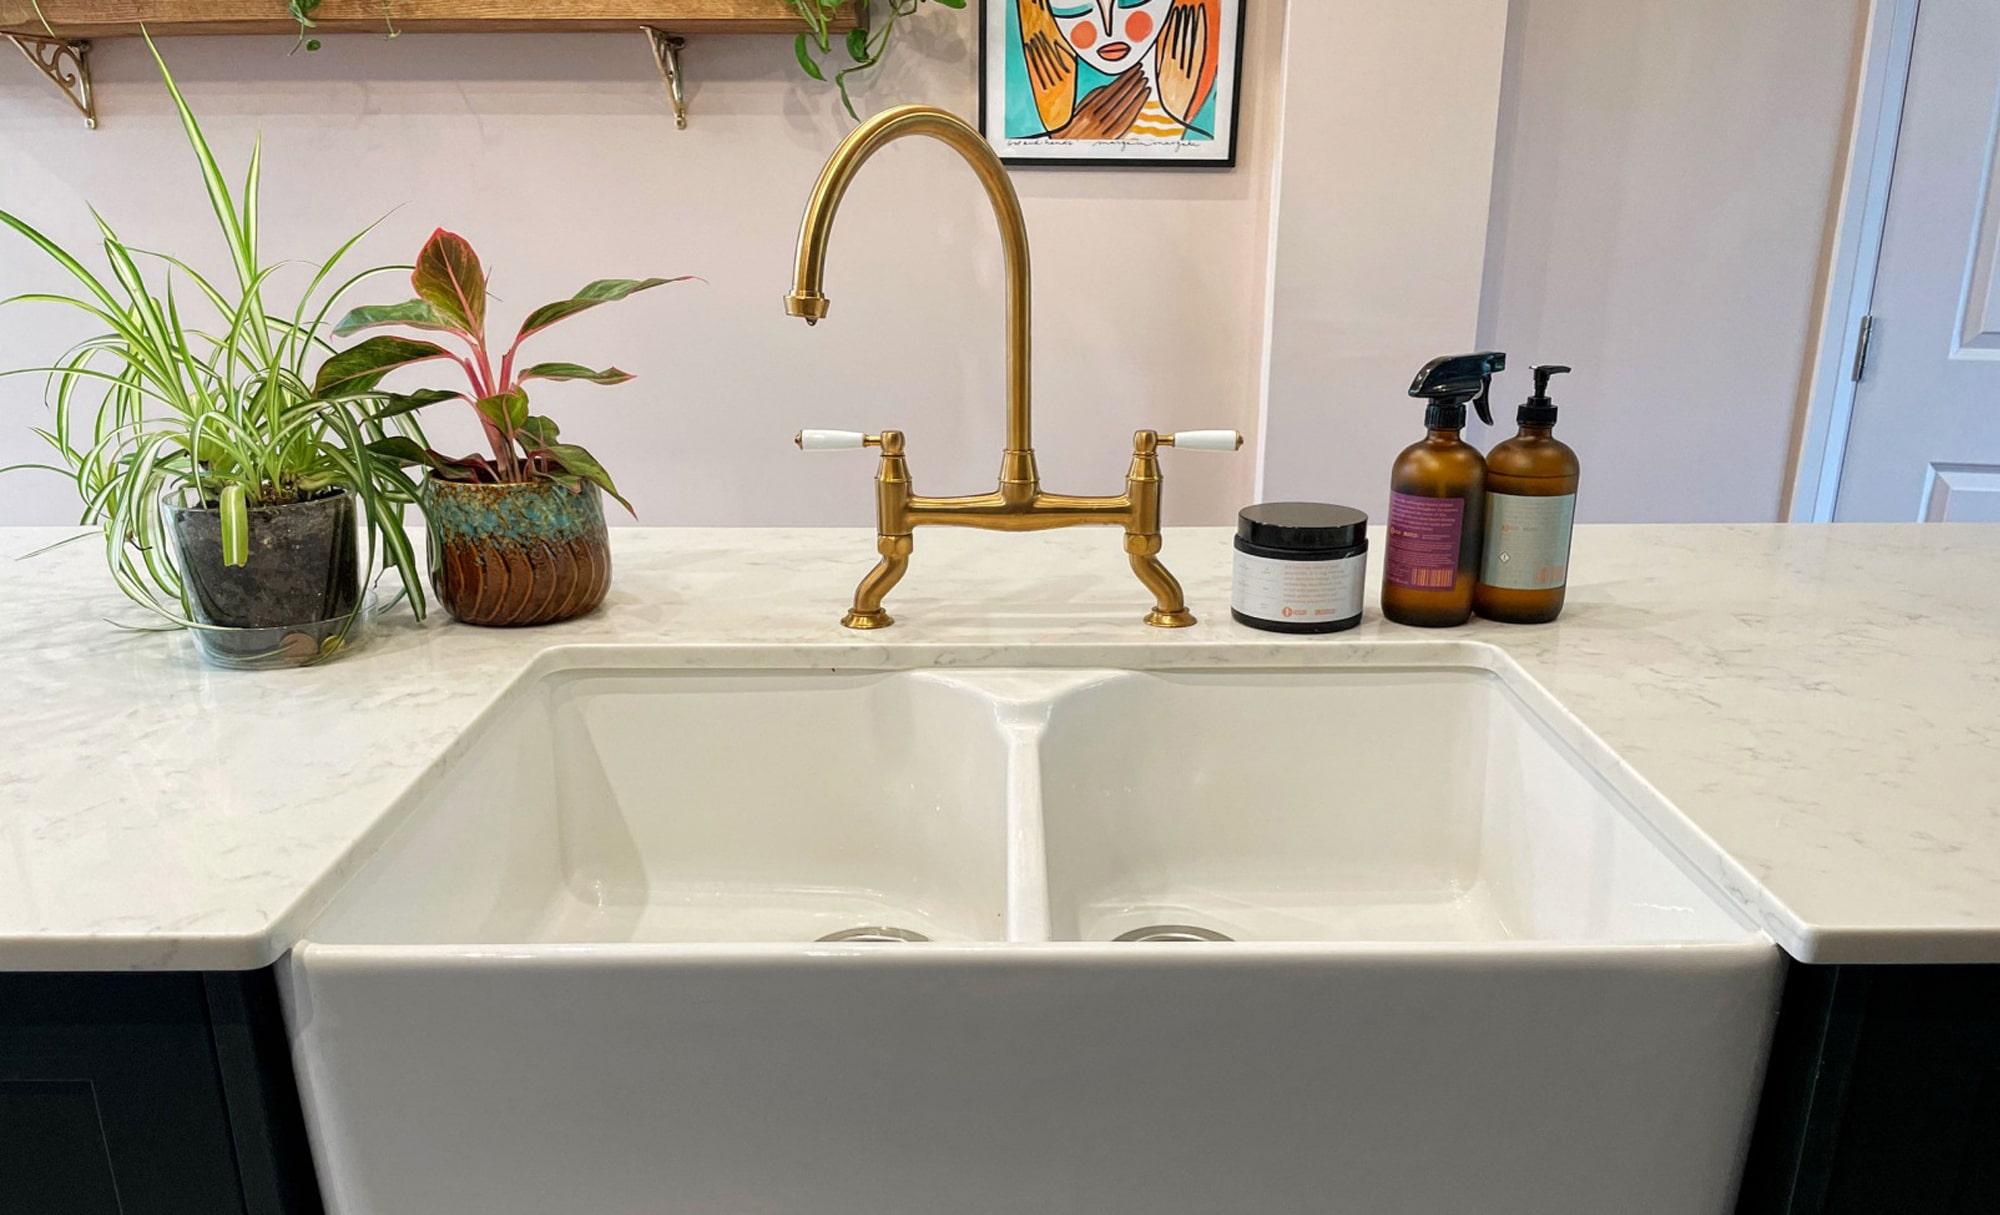 Aldana Deep Forest Kitchen by Ella Austin Kitchens Sink